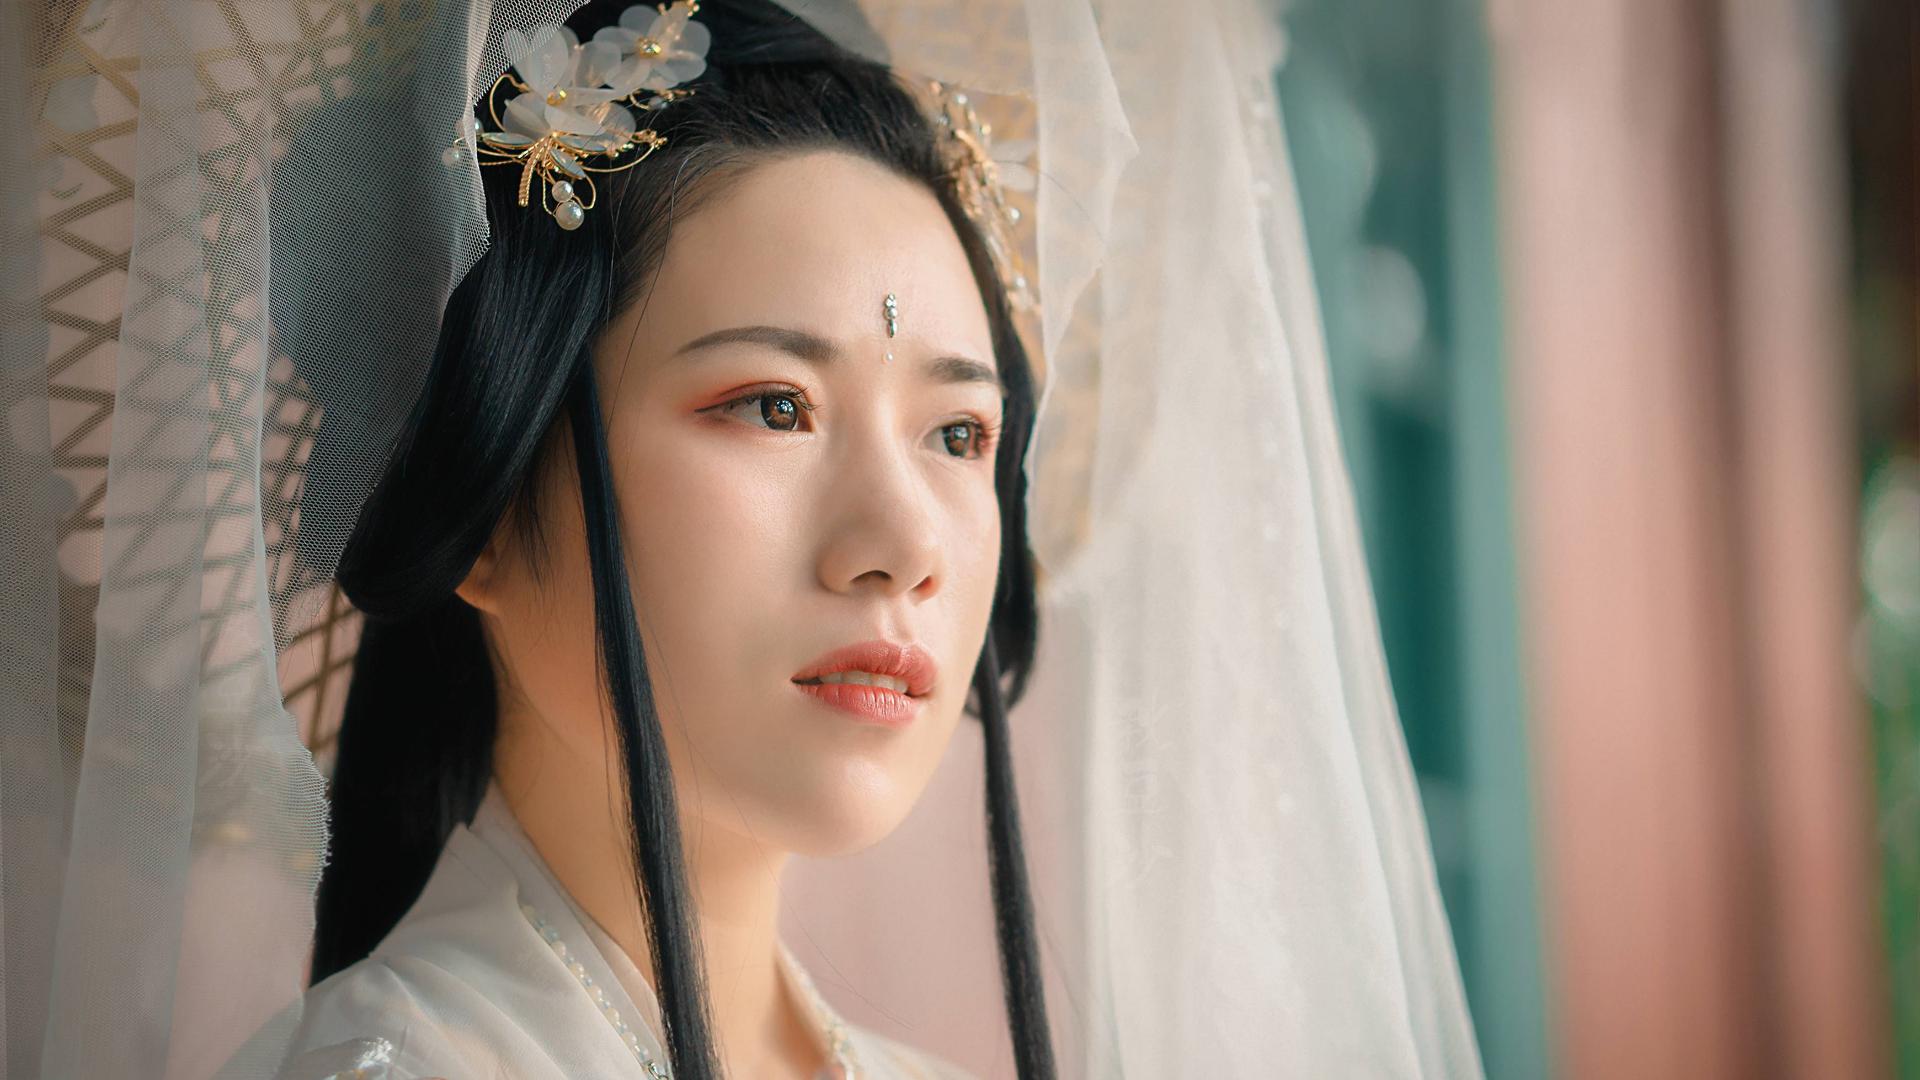 【秋豆沙】汉服妆容十七,古风仙气写真上镜复古妆容分享